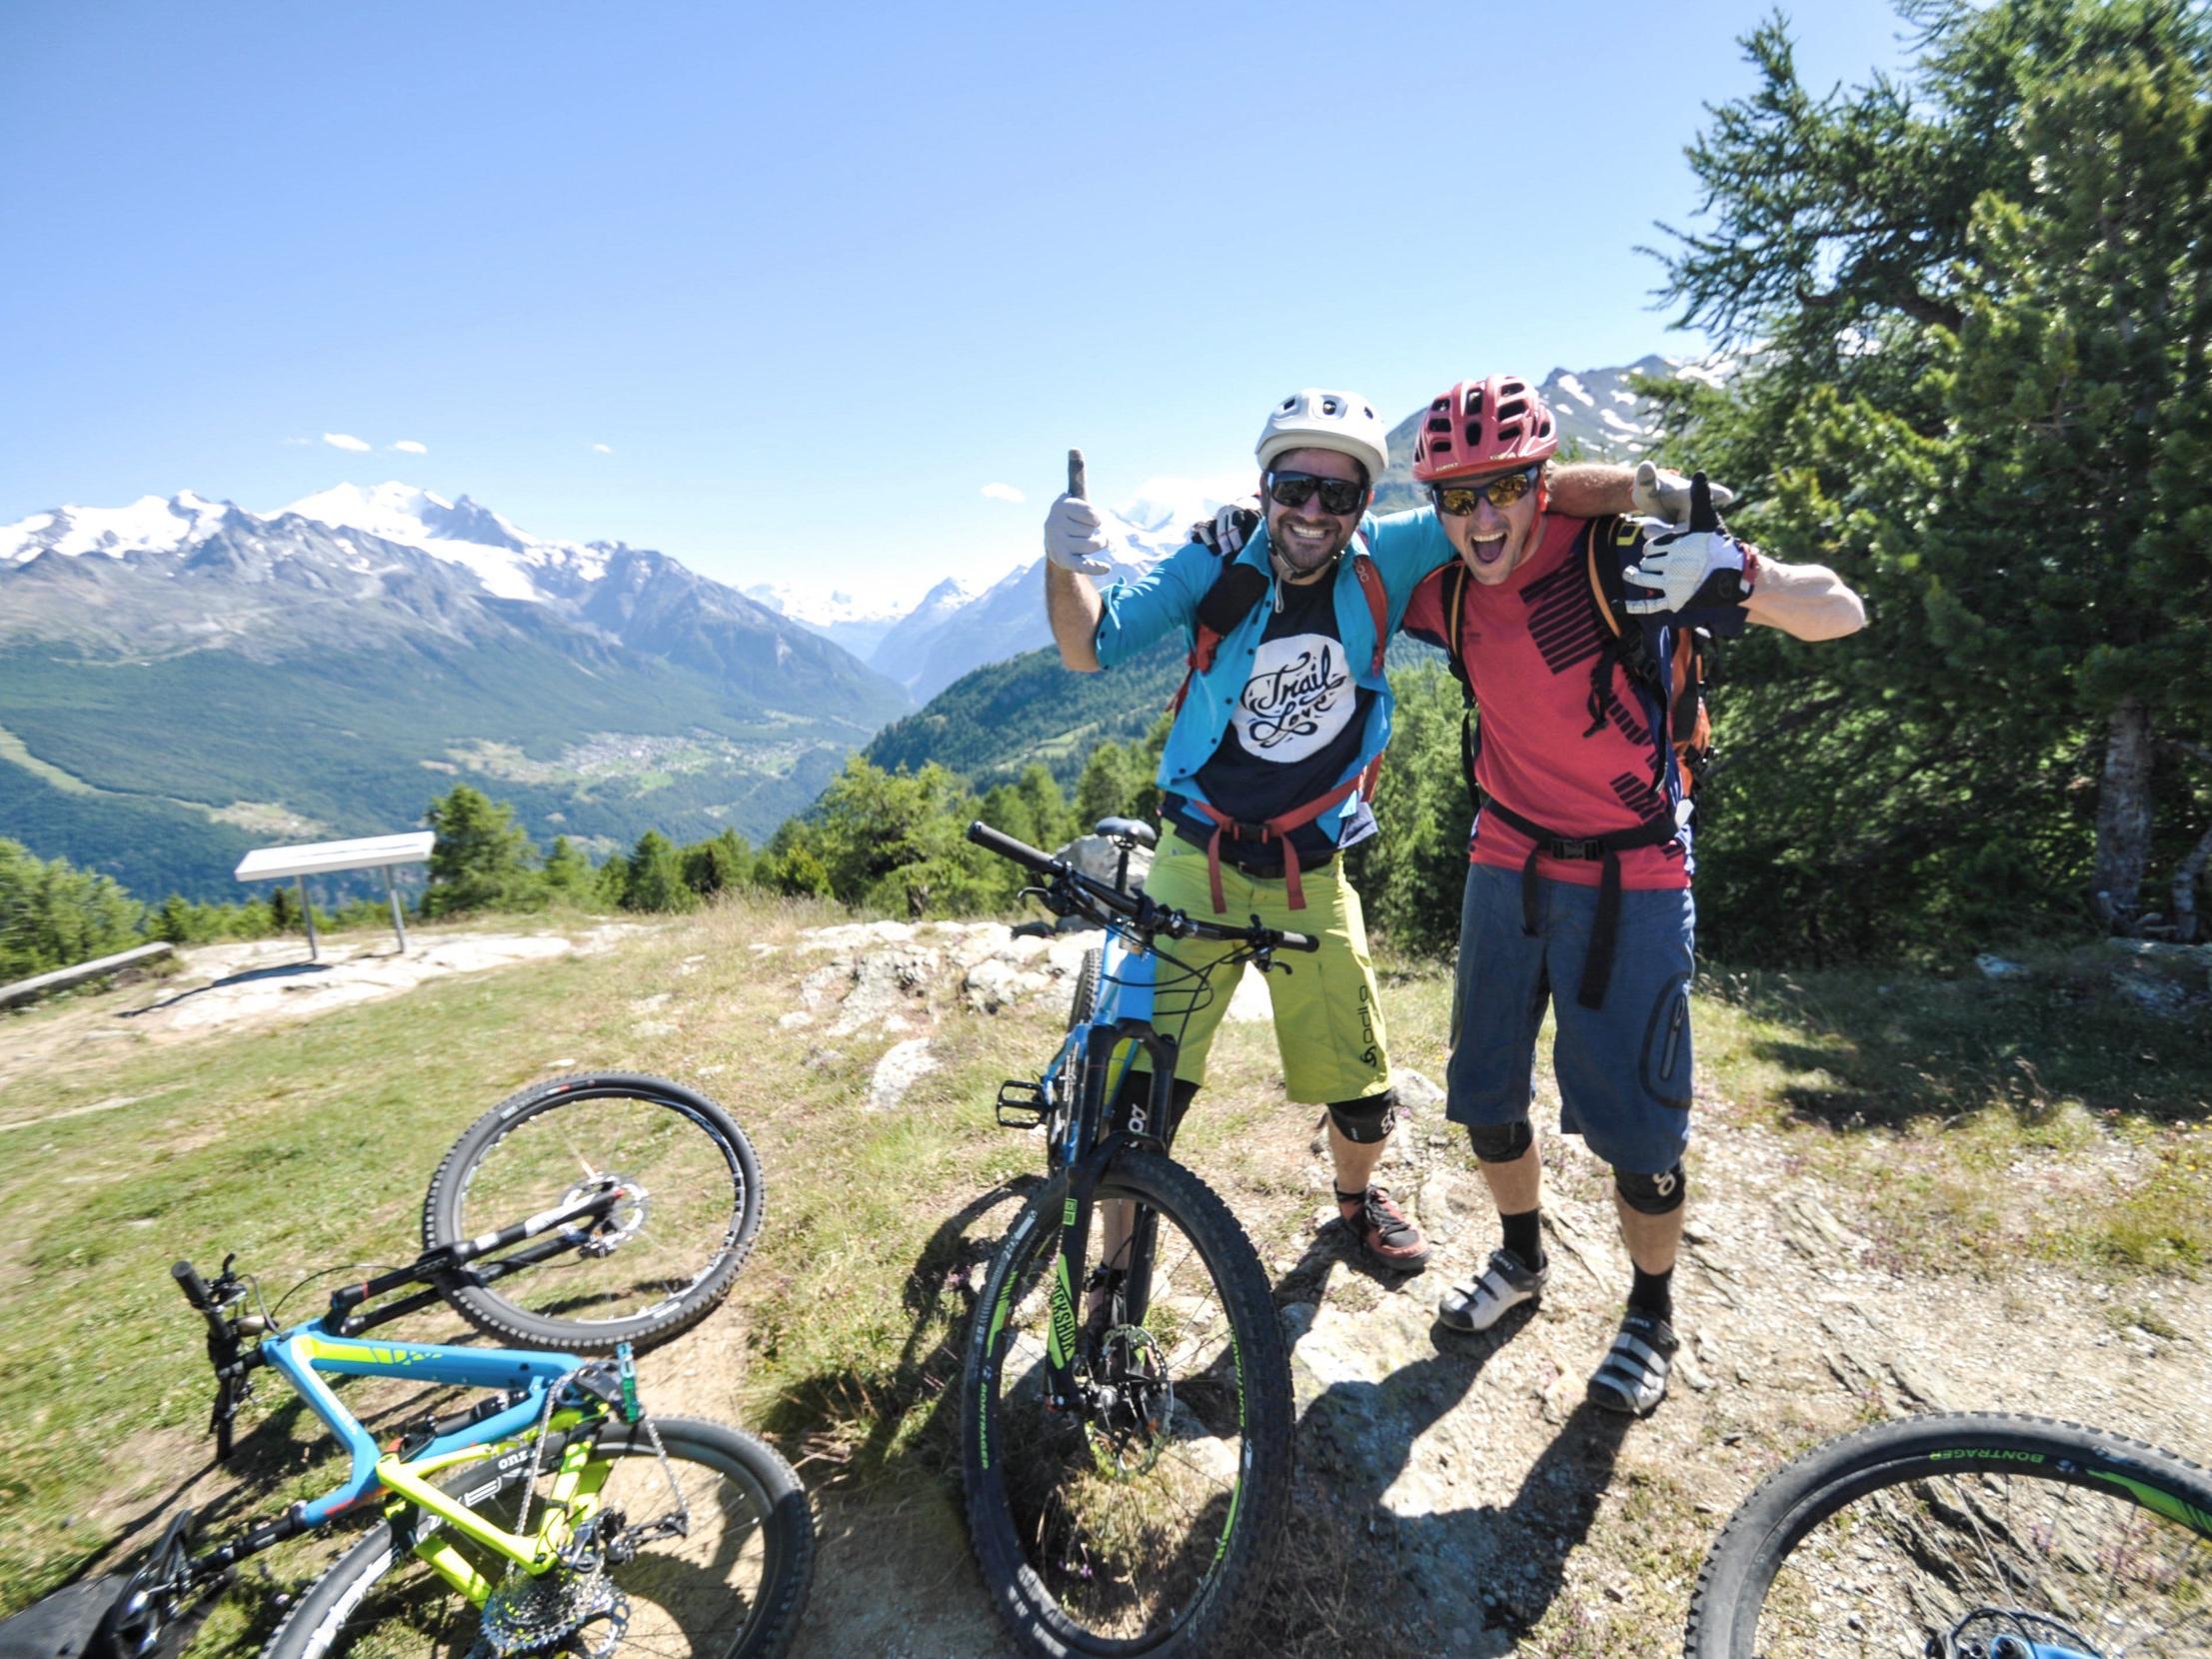 BIKE WEEKENDSim Oberwallis - Erlebe ein einmaliges Trail-Wochenende mit Freunden. Übernachte in einer urchigen Alphütte und entdecke unbekannte Walliser Singletrails, geführt von einheimischen Swiss Cycling Guides. Verköstigt wirst du mit feinen Walliser Spezialitäten.